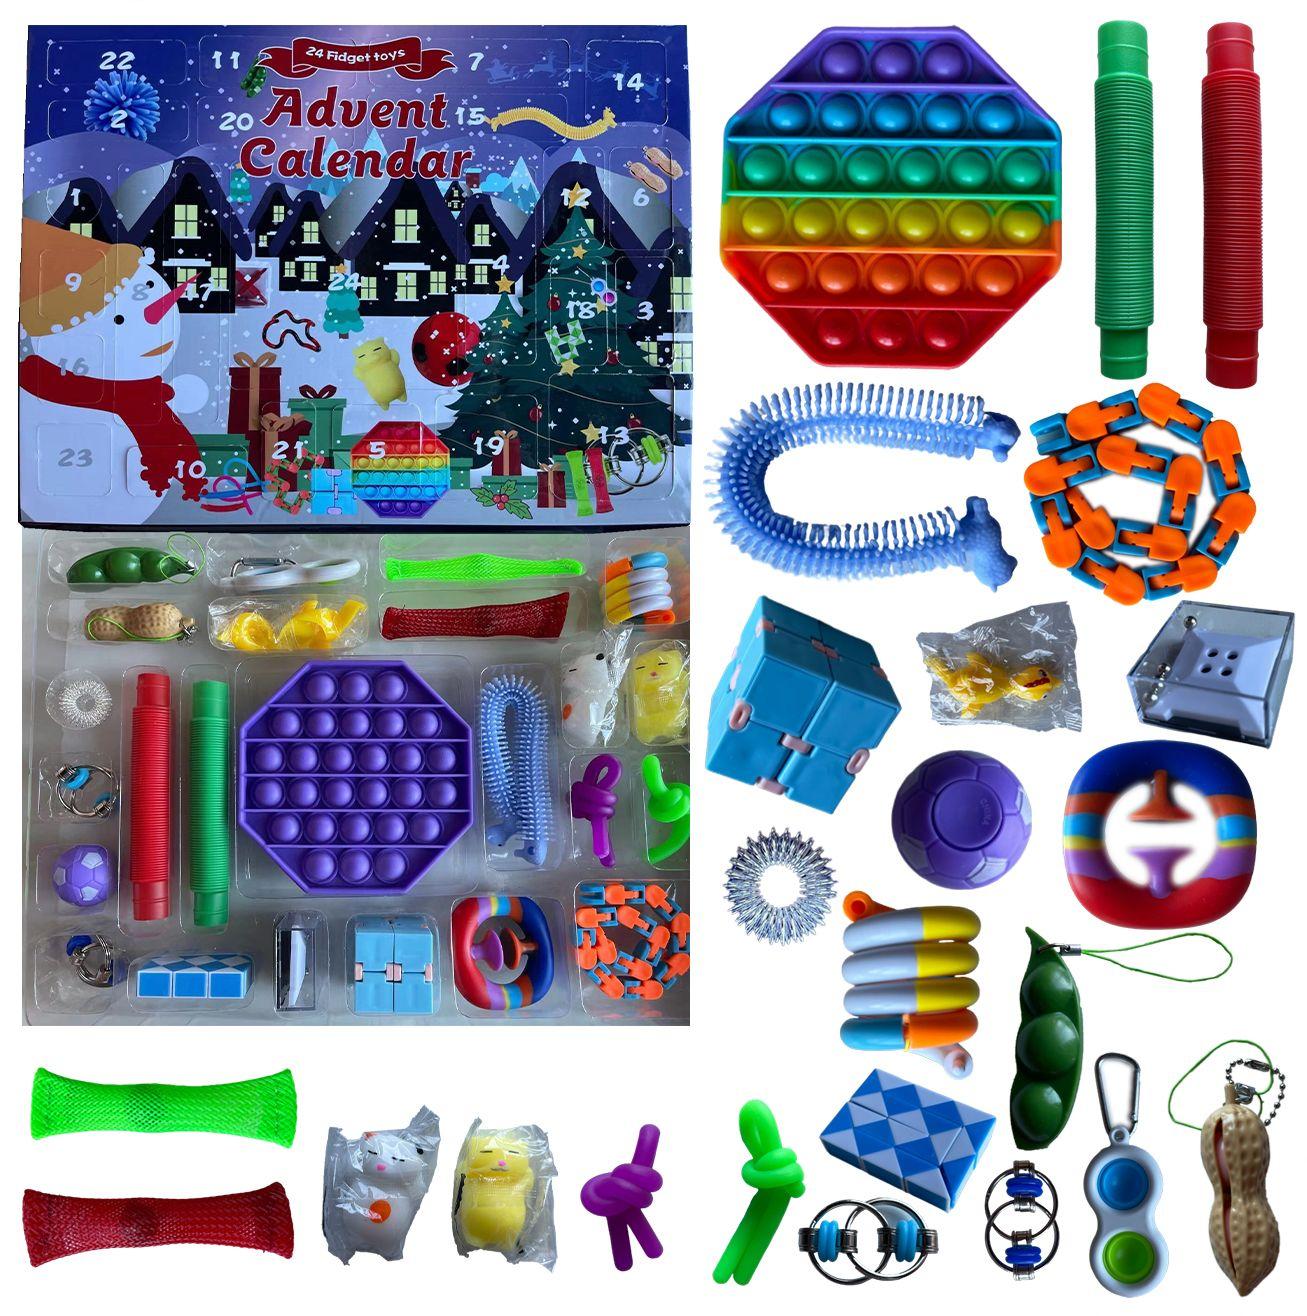 Novo! Fidget Brinquedos Christmas Cerca Cerca 24 Dias Calendário do Advento Bonita de Natal Música Caixa de Presente de Música Caixa de Presente de Natal Presentes Crianças Seaway Owf9553